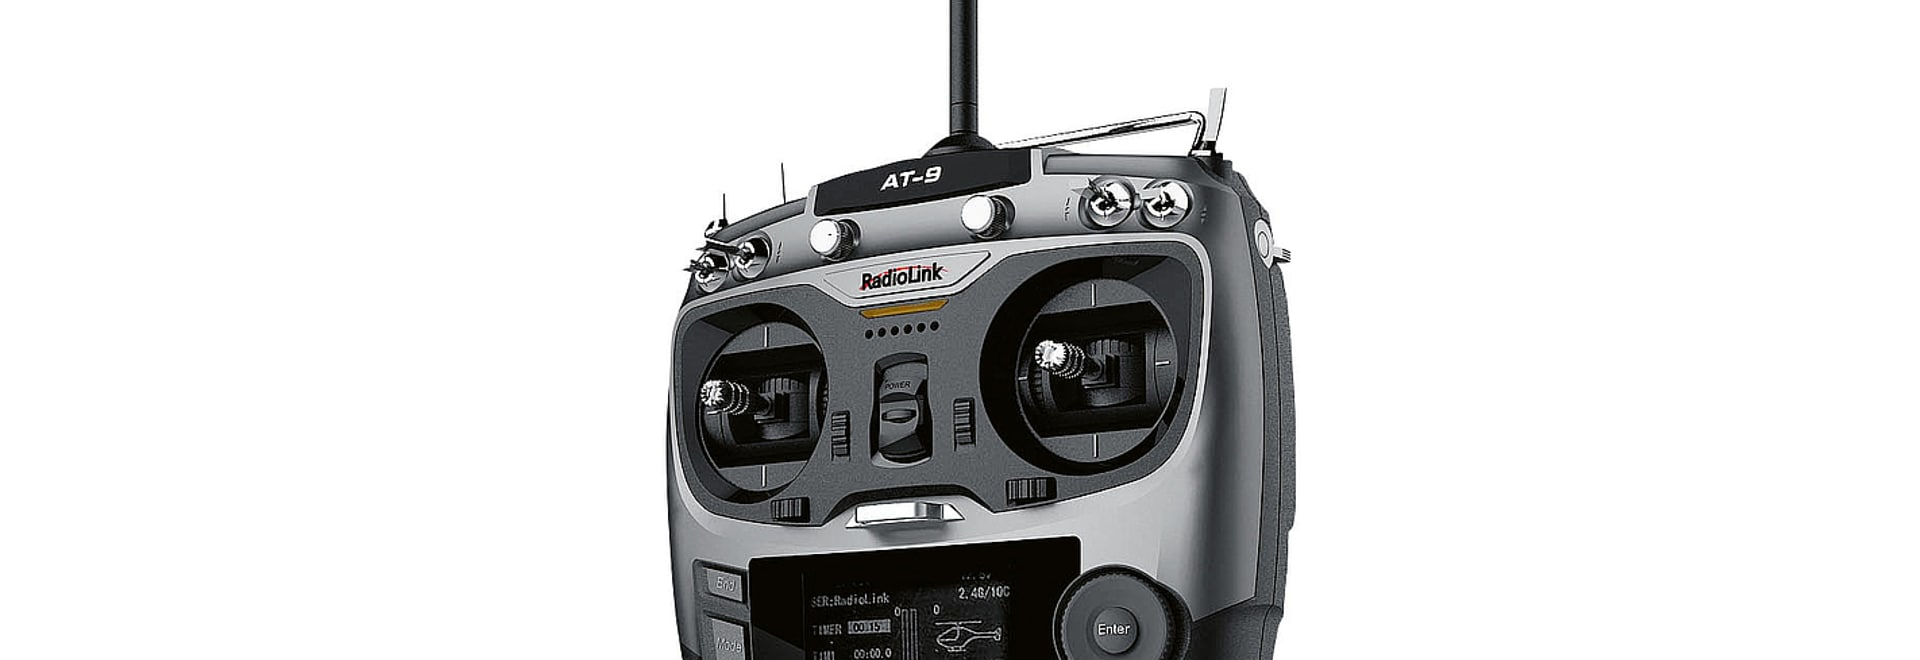 Radiolink AT-9